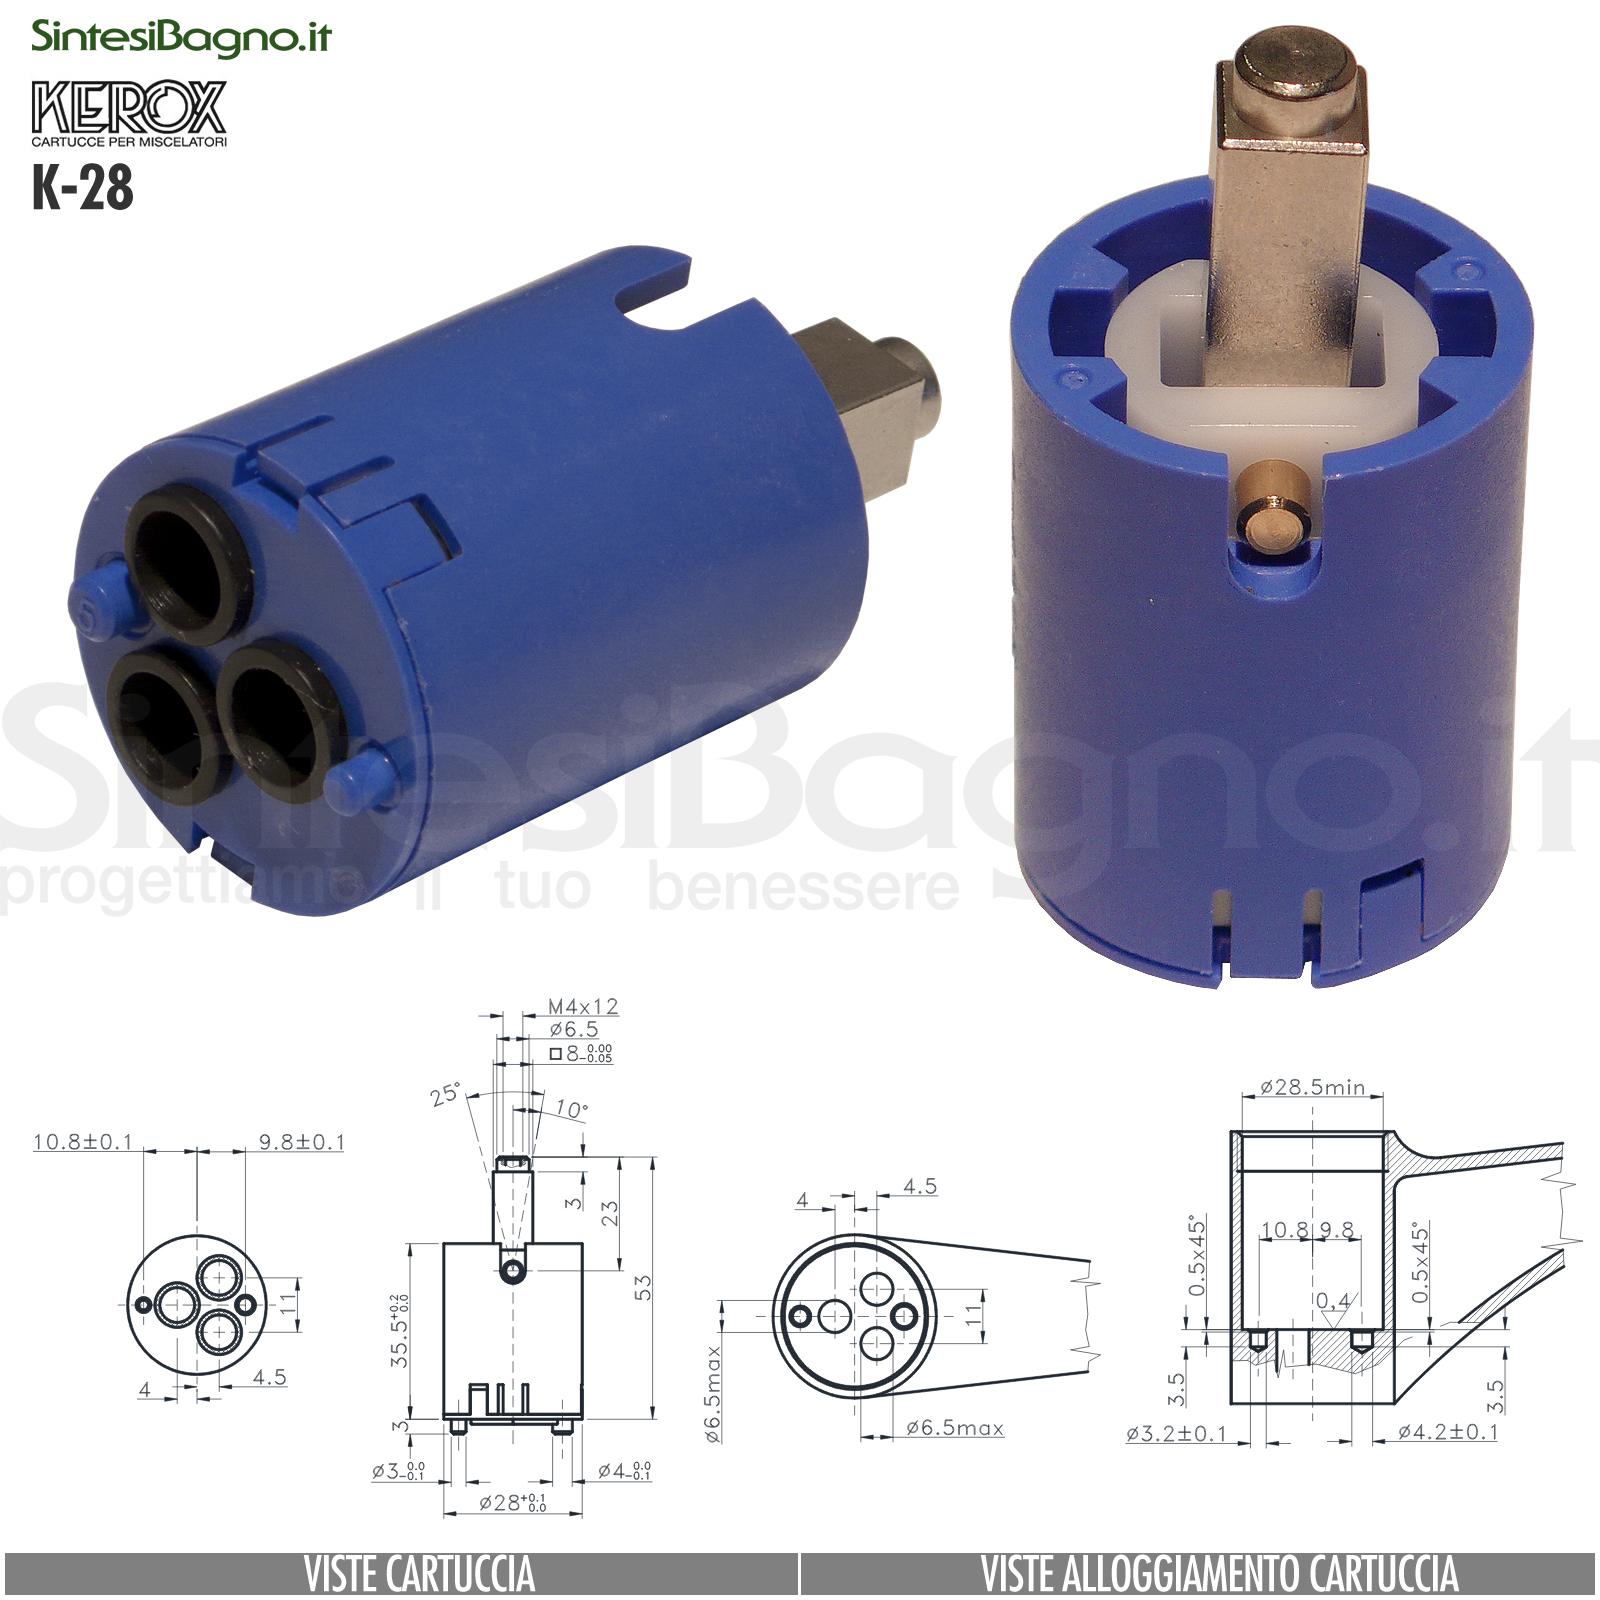 K28-cartuccia-di-ricambio-KEROX-a-dischi-ceramici-per-miscelatore-monocomando-modello-K-28